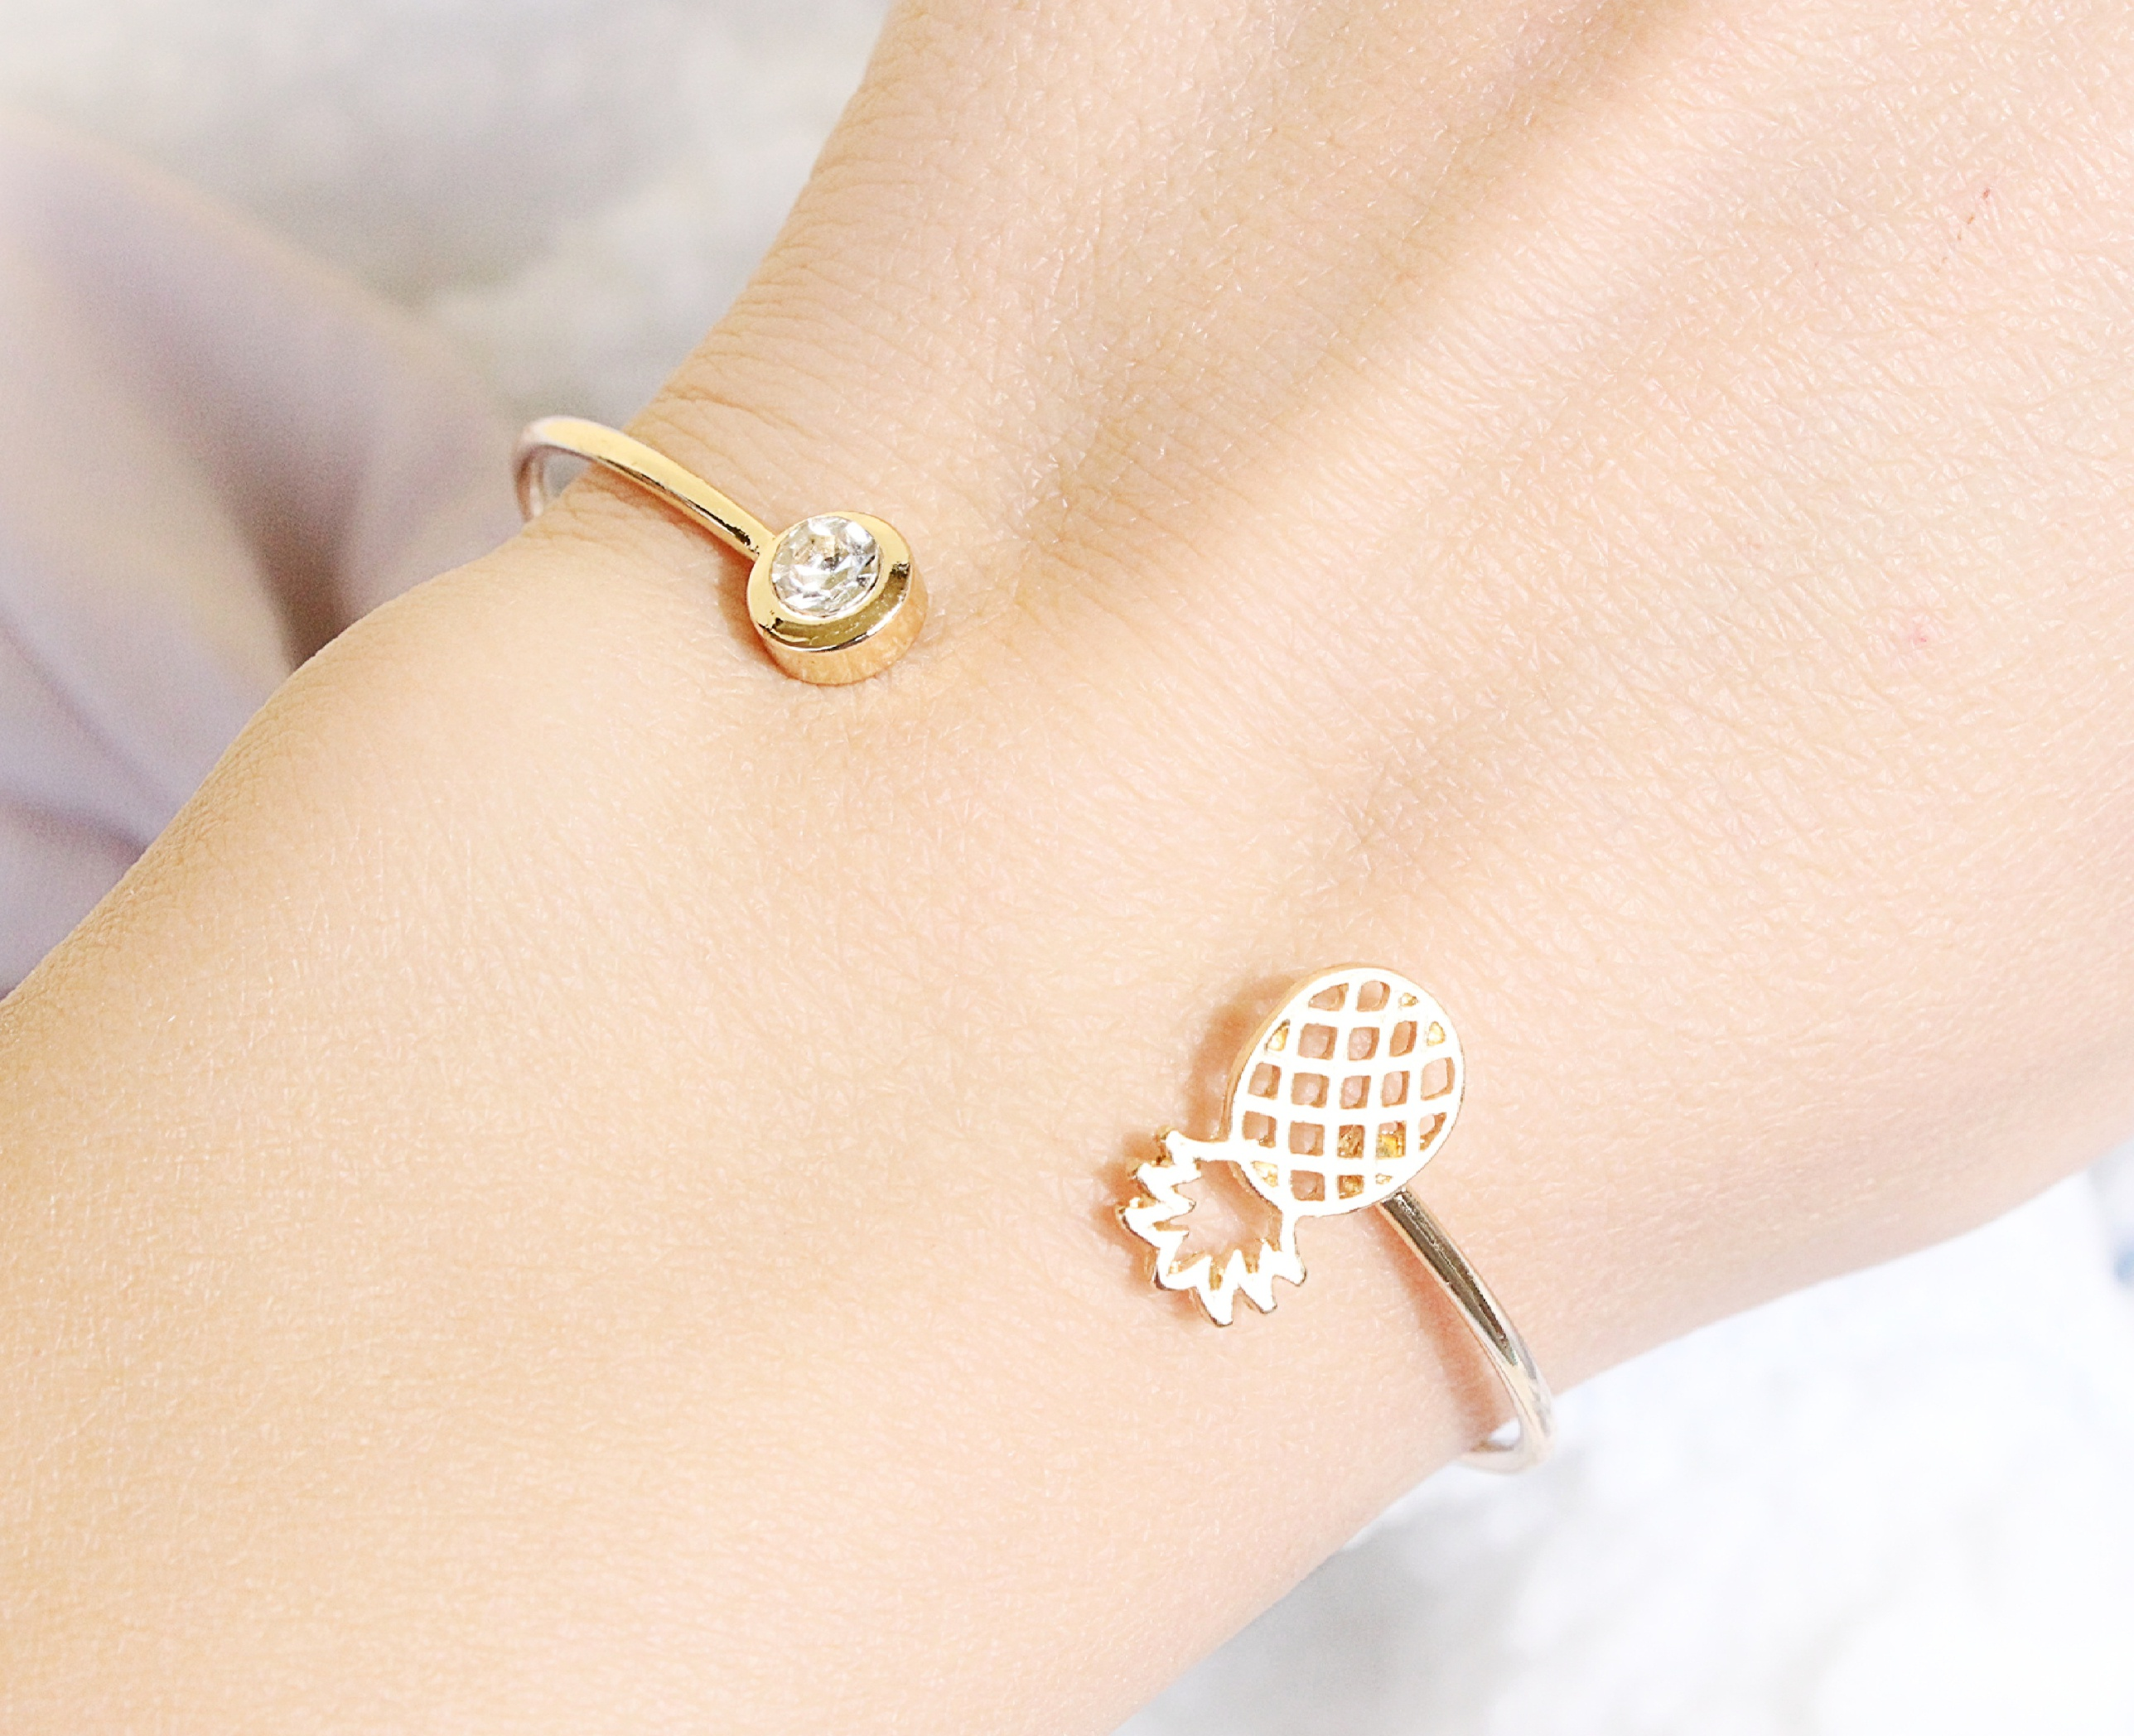 Bracelet créateur tendance 2016 or